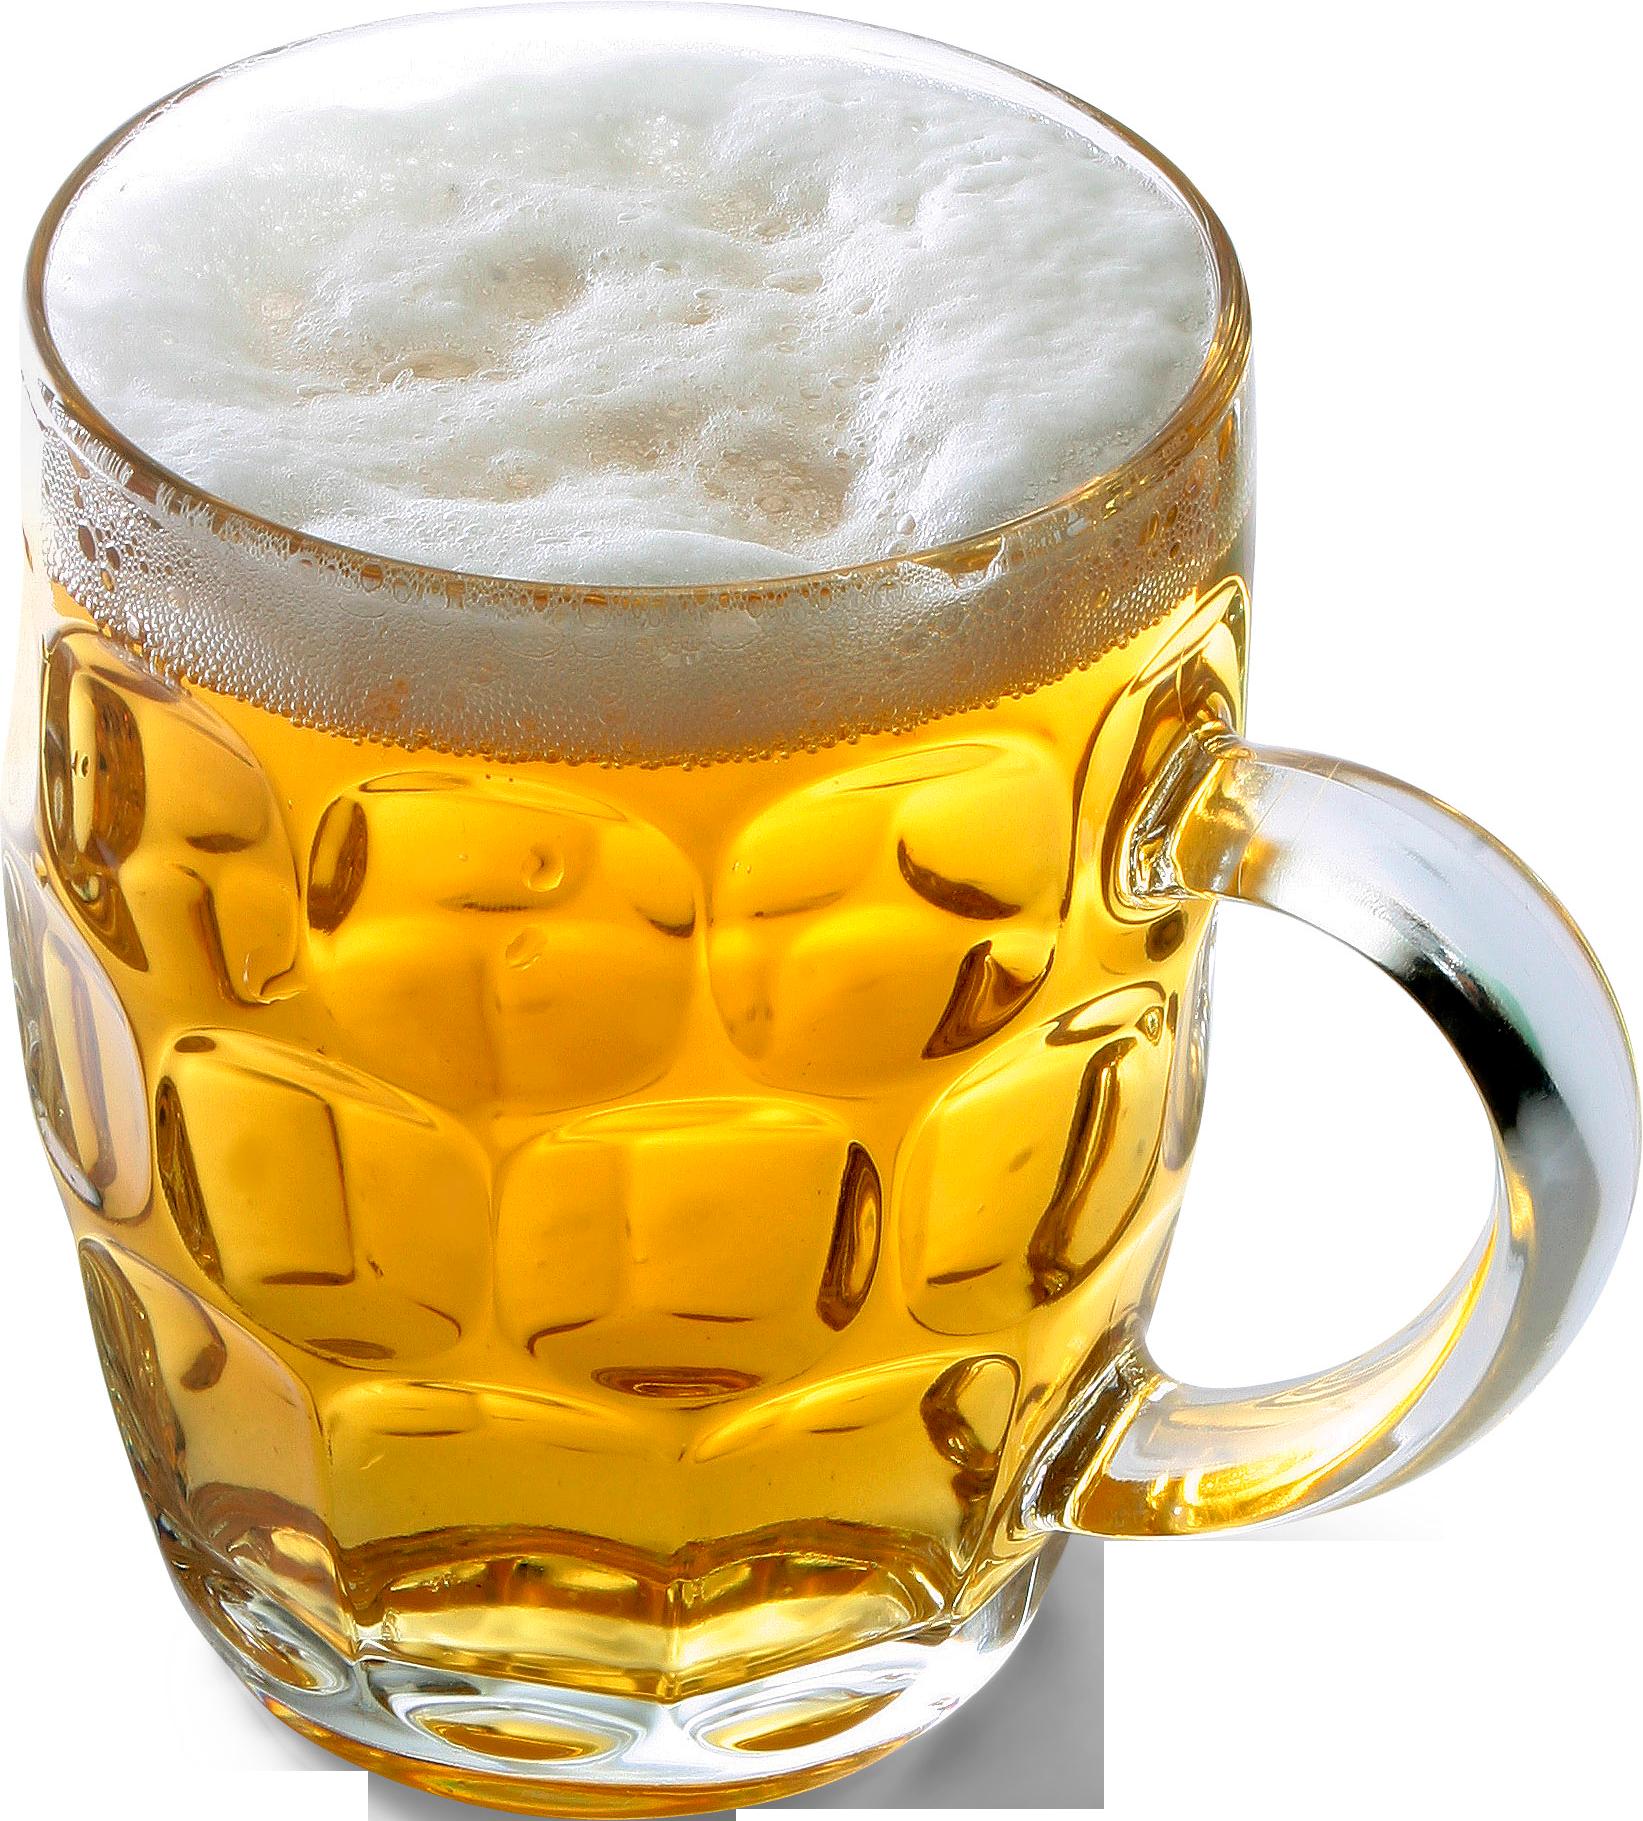 клипарт кружка пива: